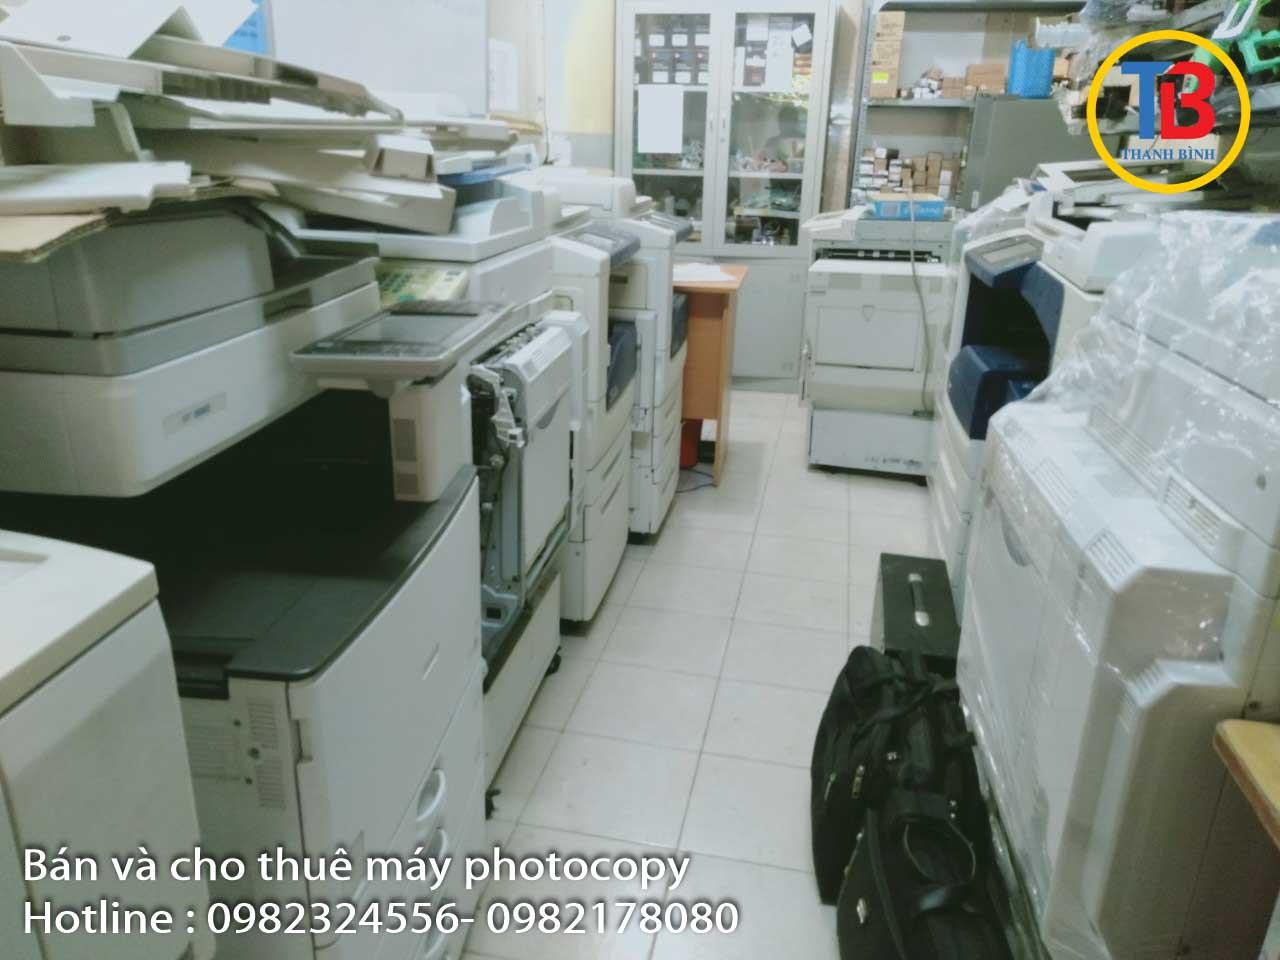 Thu mua máy in, máy photocopy cũ giá tốt tại Hà Nội